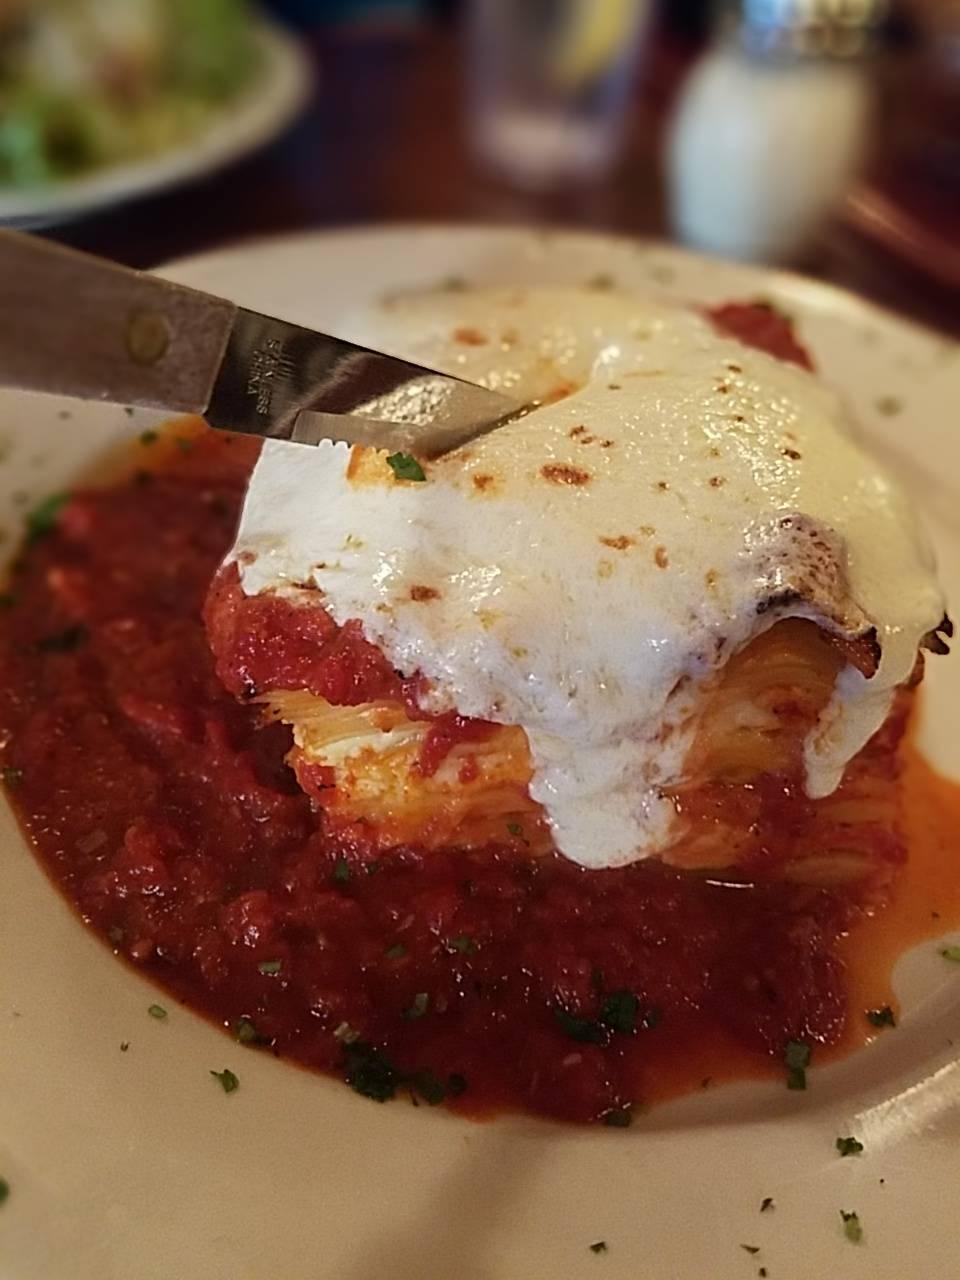 Margheritas Restaurant | meal delivery | 740 Washington St, Hoboken, NJ 07030, USA | 2012222400 OR +1 201-222-2400